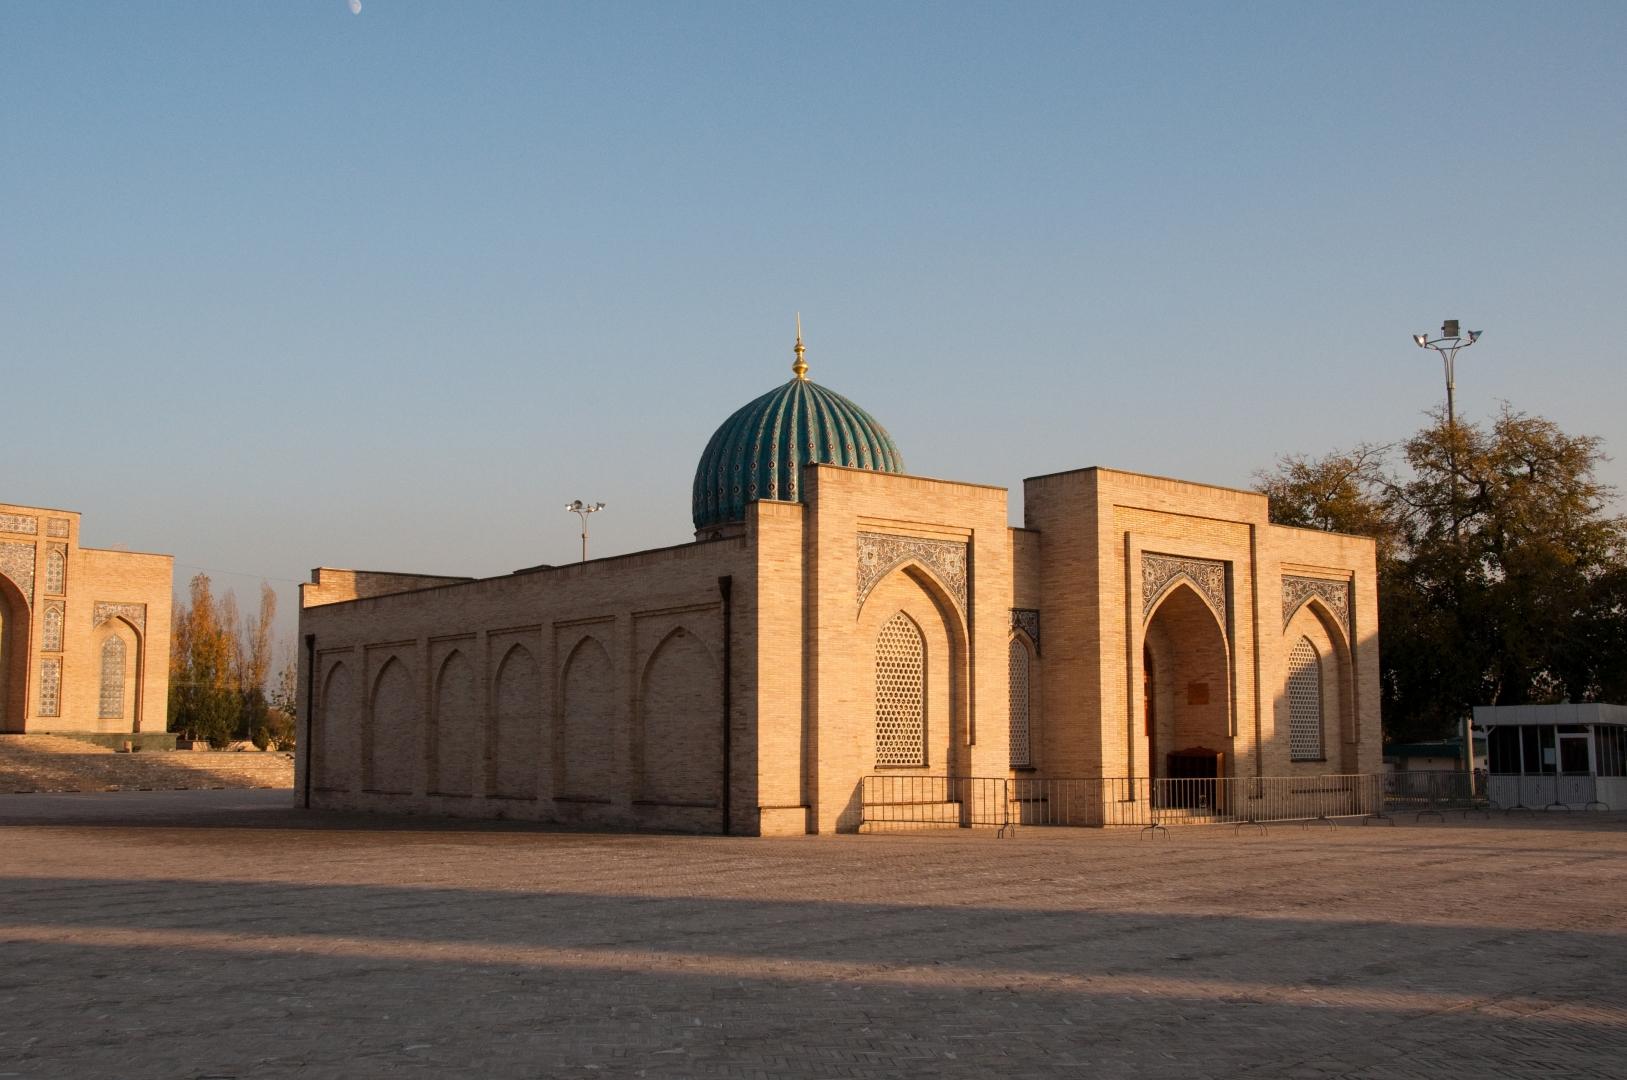 фото г мубарек узбекистан стороны